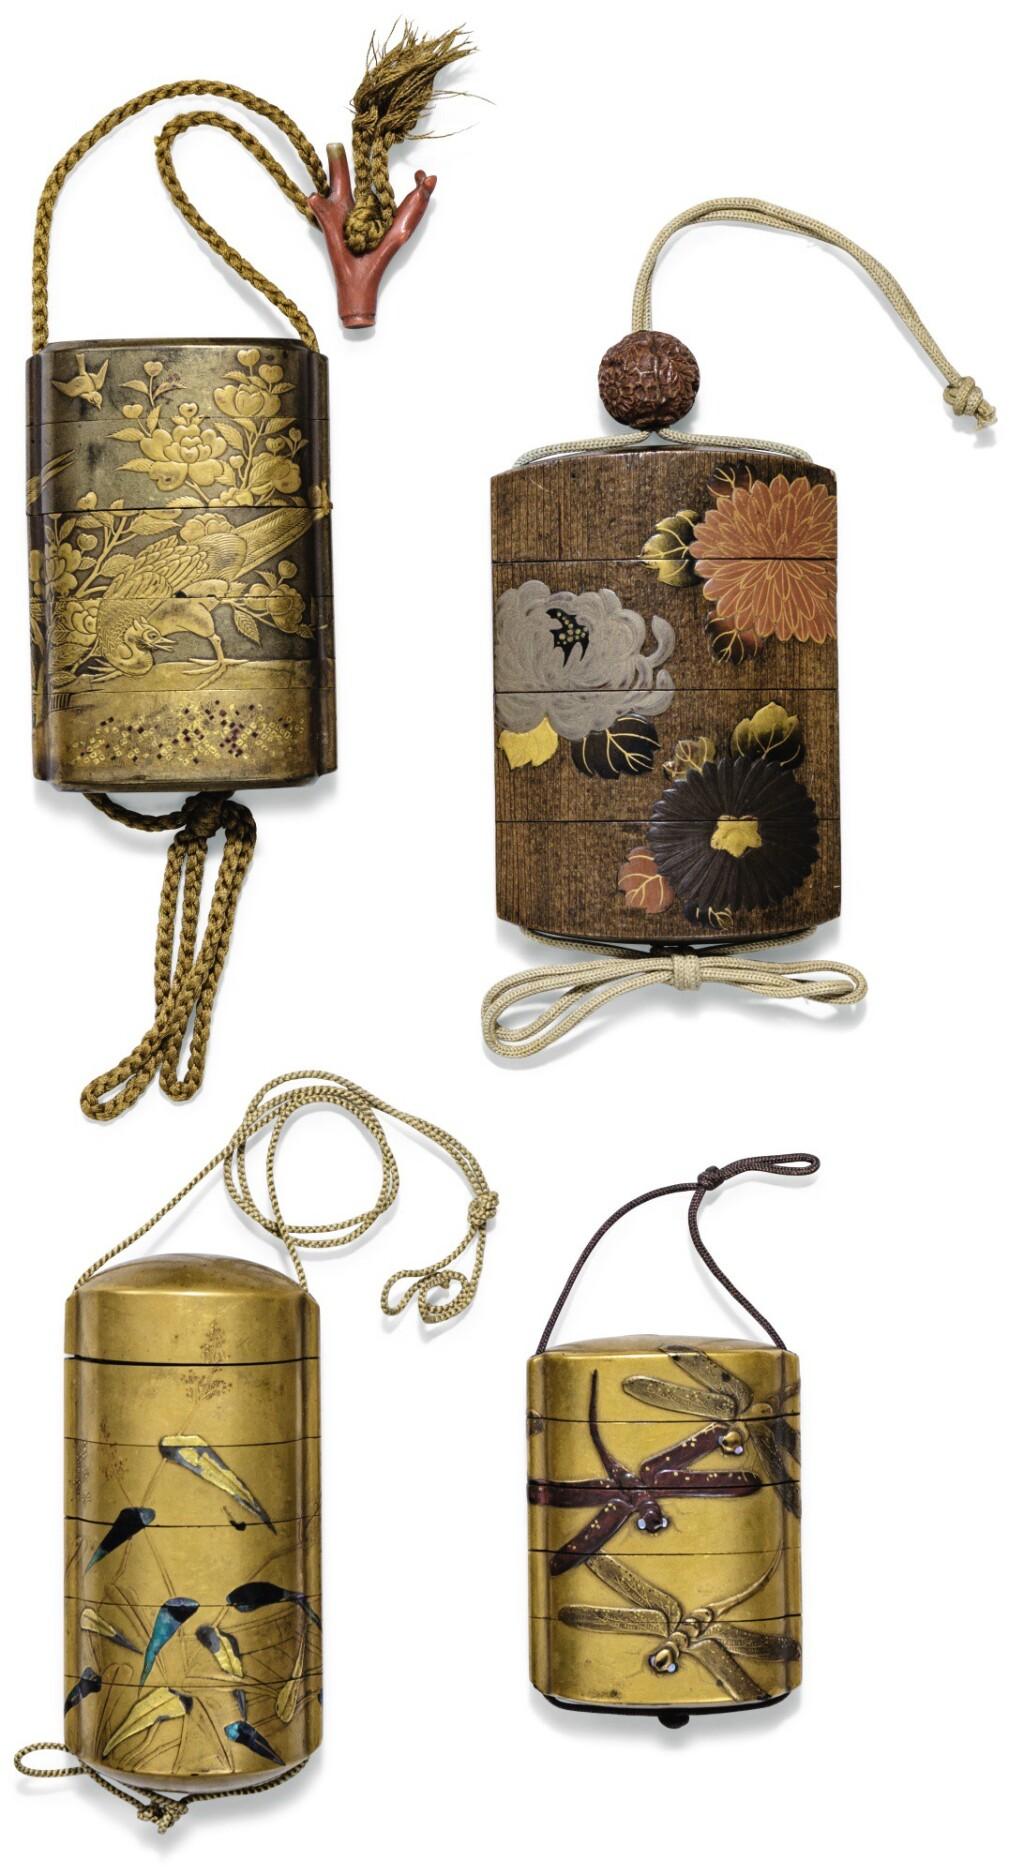 ENSEMBLE DE QUATRE INRO EN LAQUE JAPON, XVIIIE-XIXE SIÈCLE | Four lacquer inro, Japan, 18th/19th century